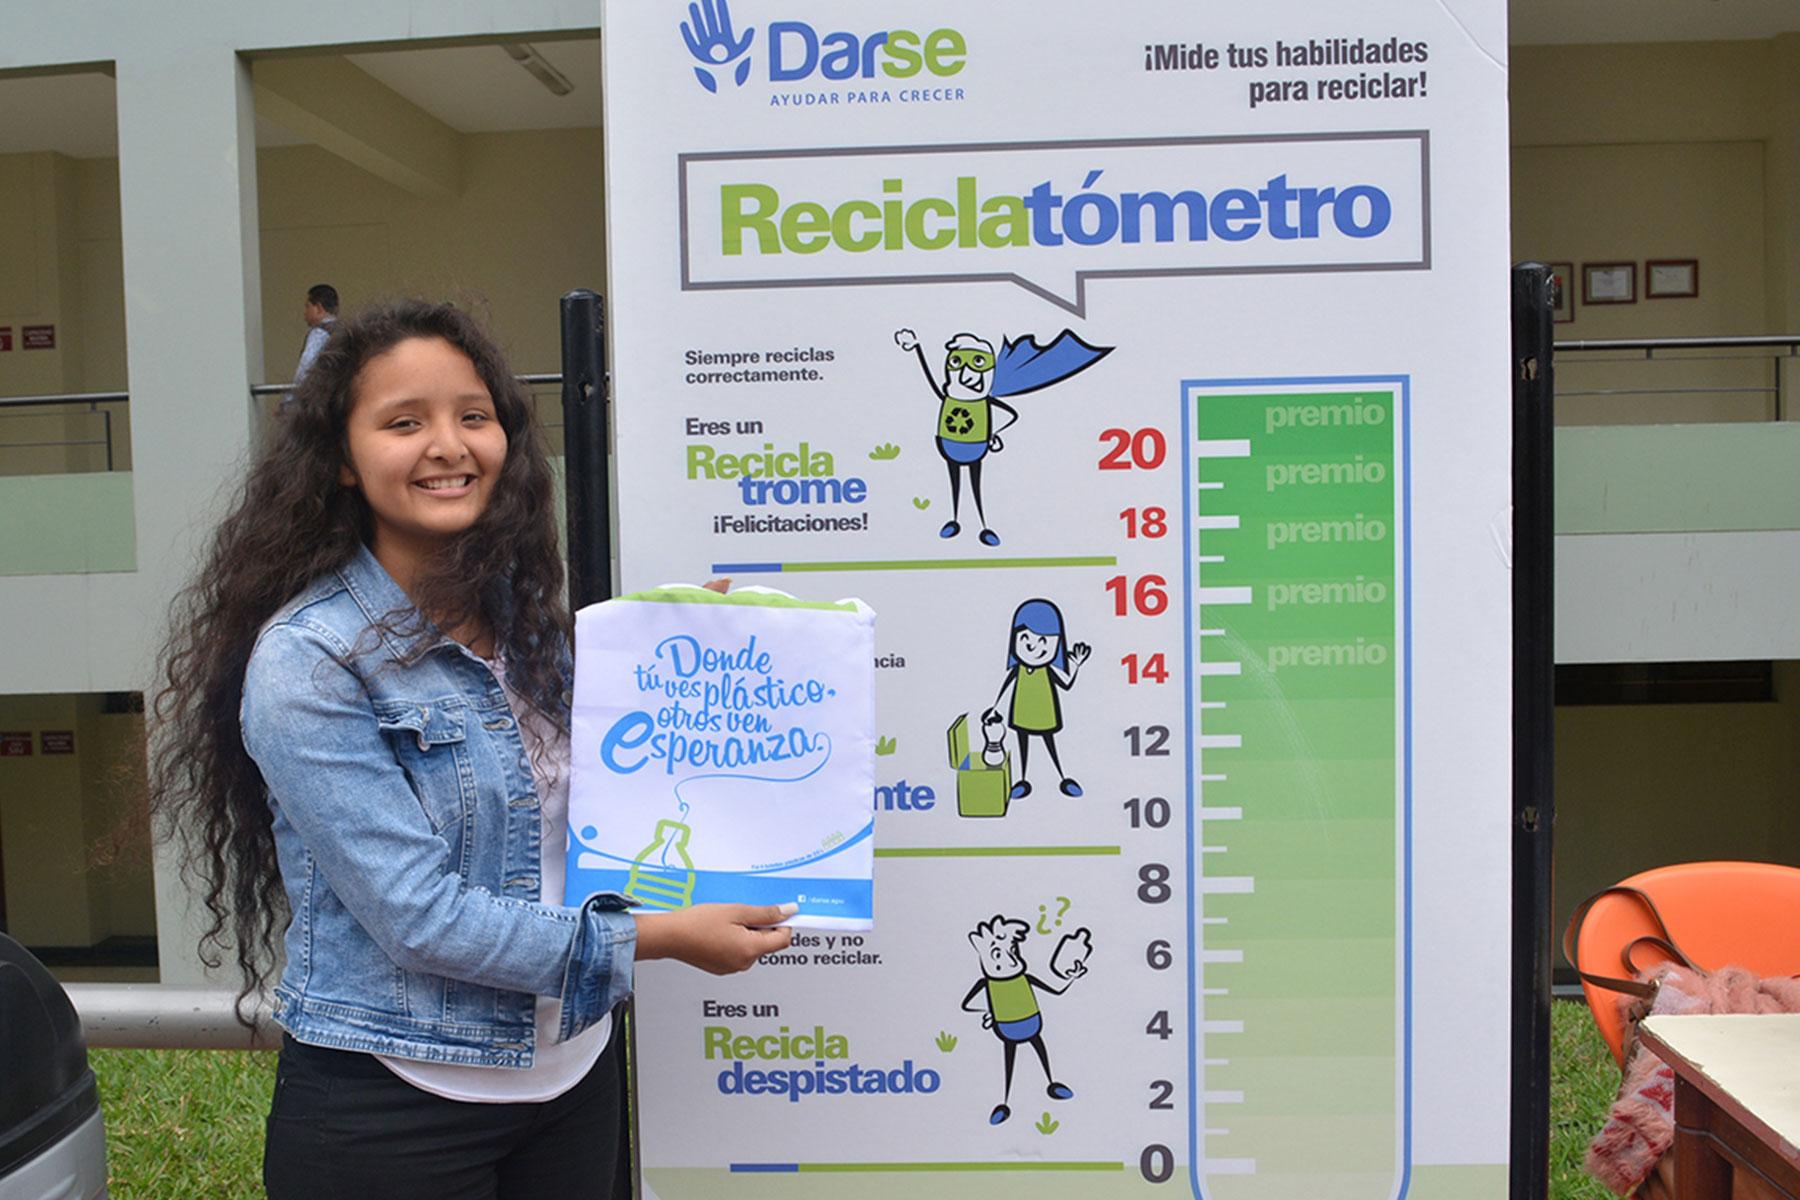 25 Darse Campanha